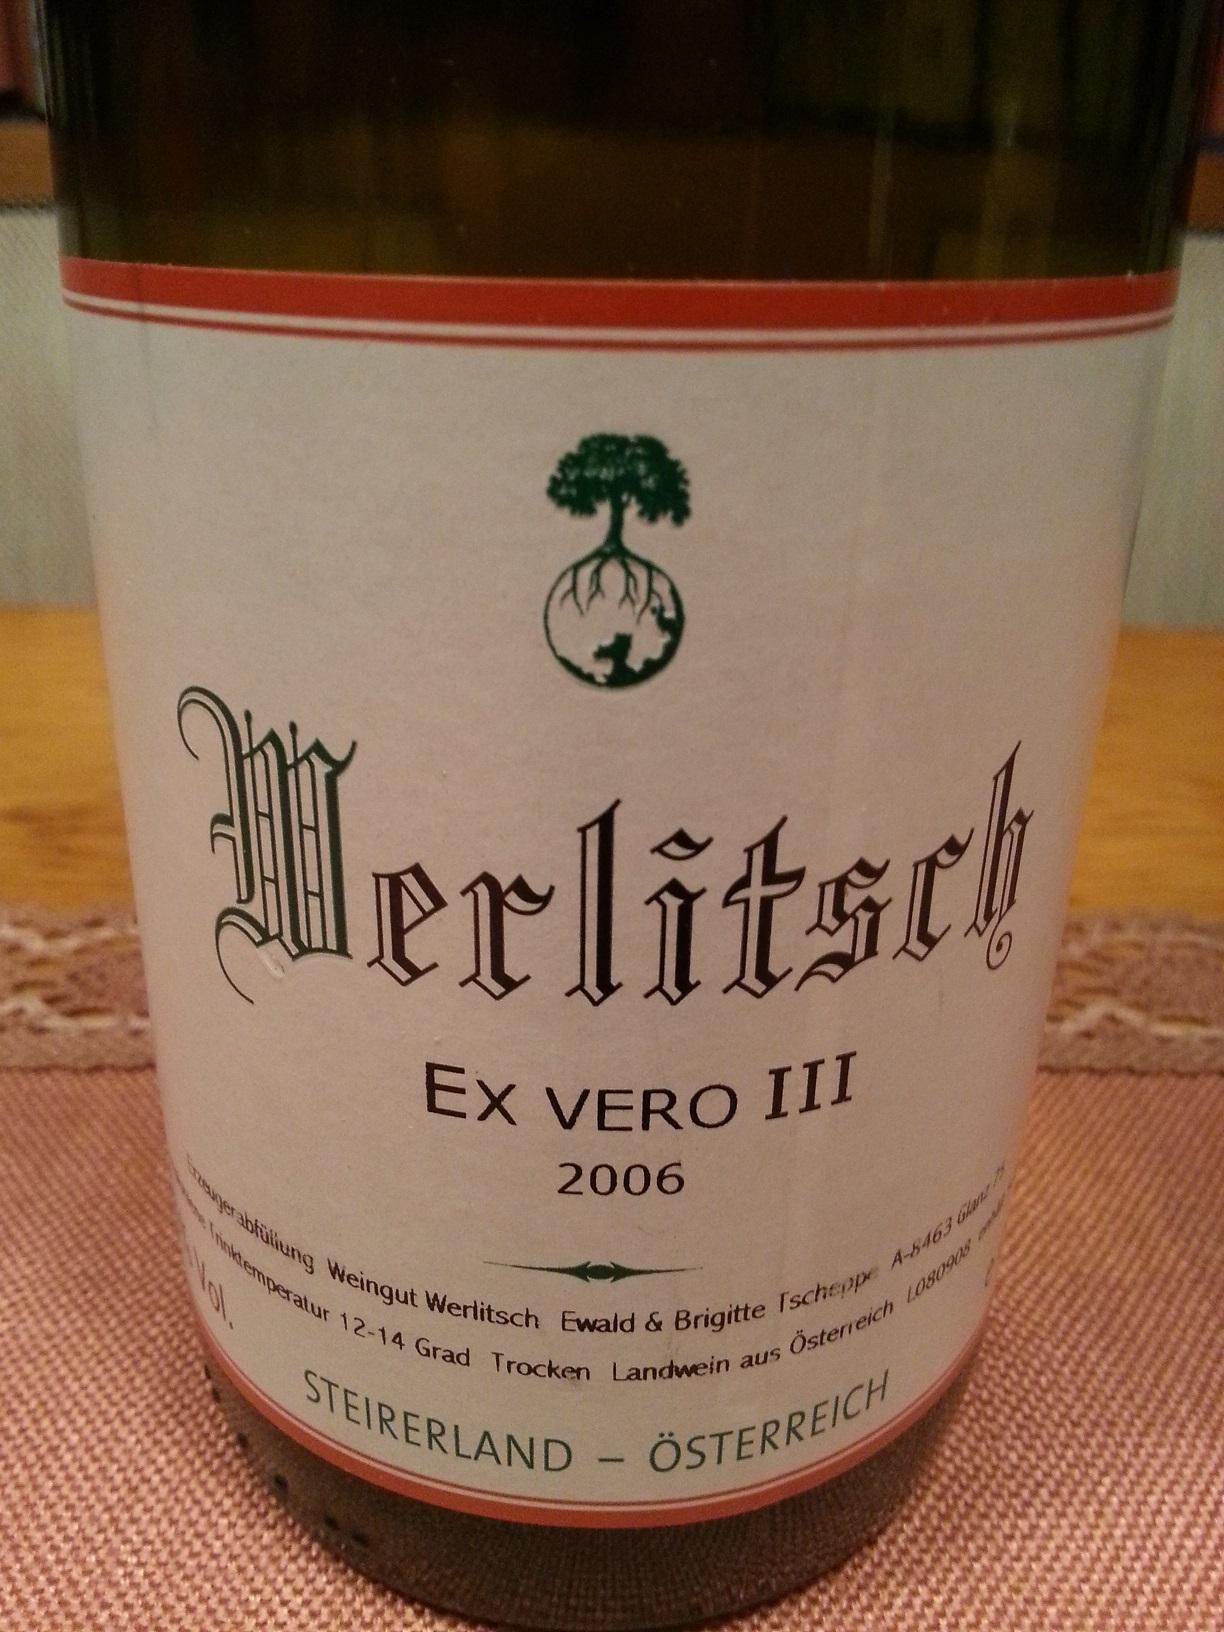 2006 Ex Vero III | Werlitsch